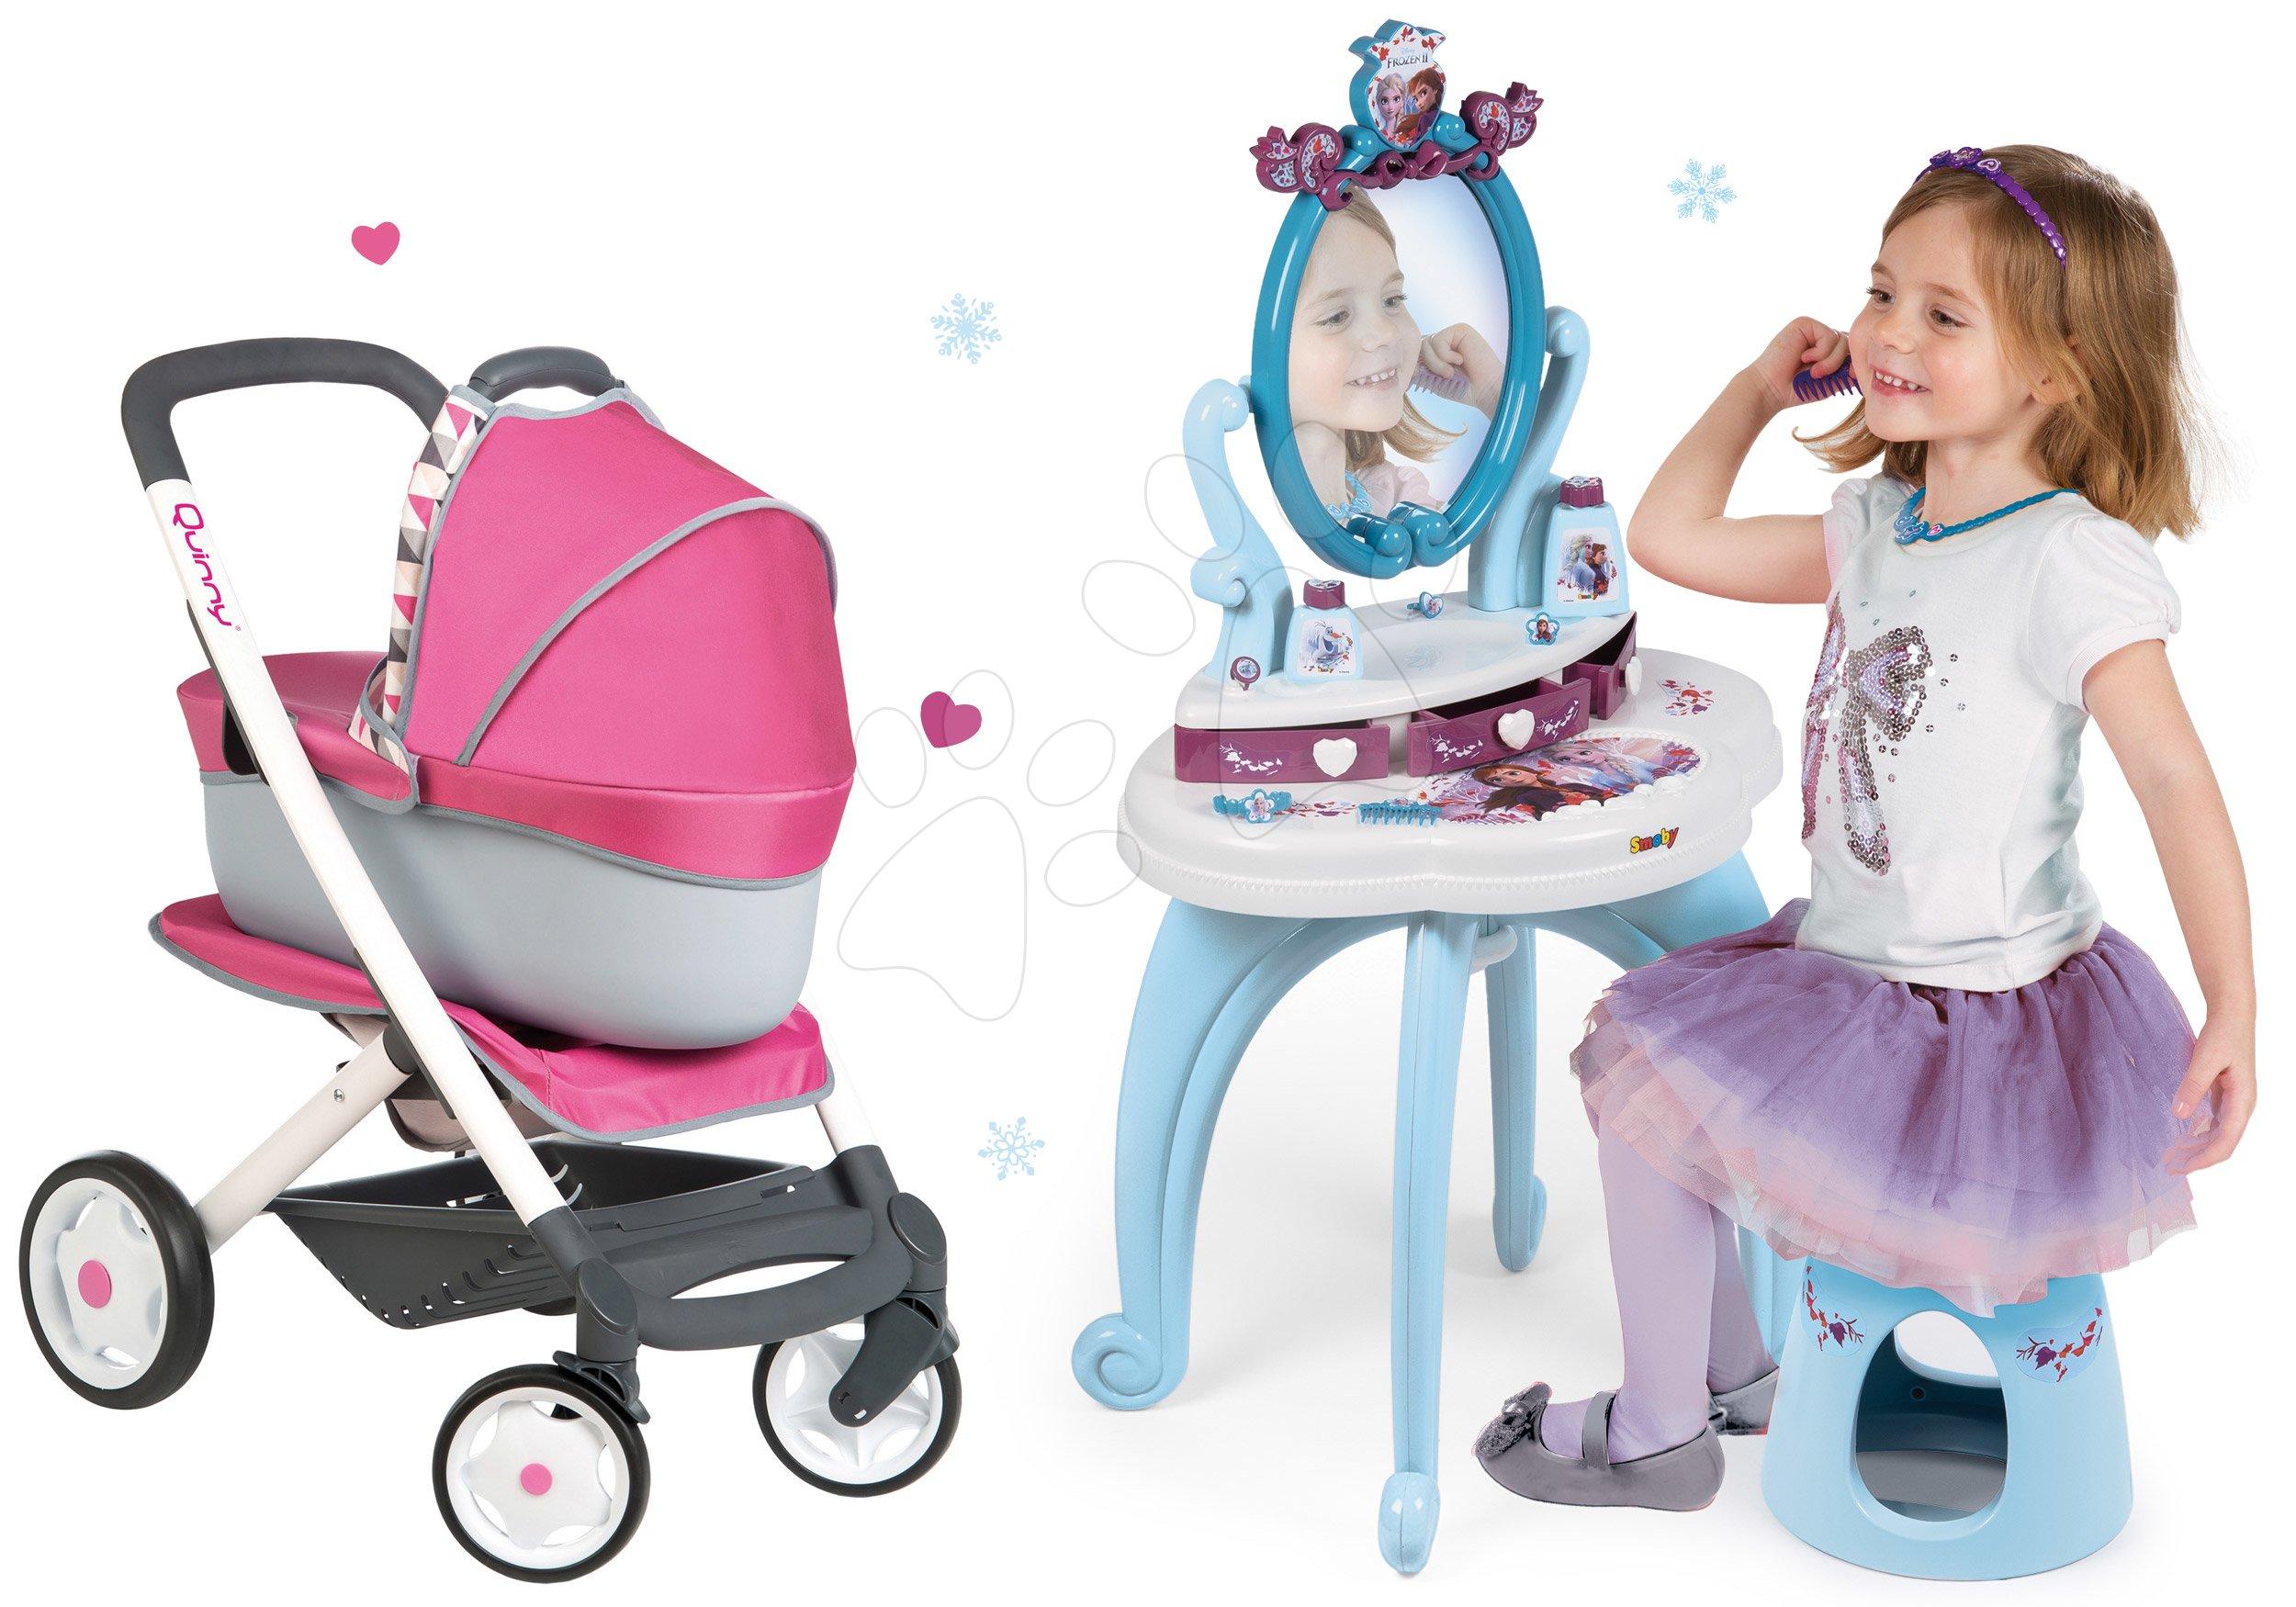 Smoby detský kozmetický stolík a kočík retro Maxi Cosi&Quinny 320214-16